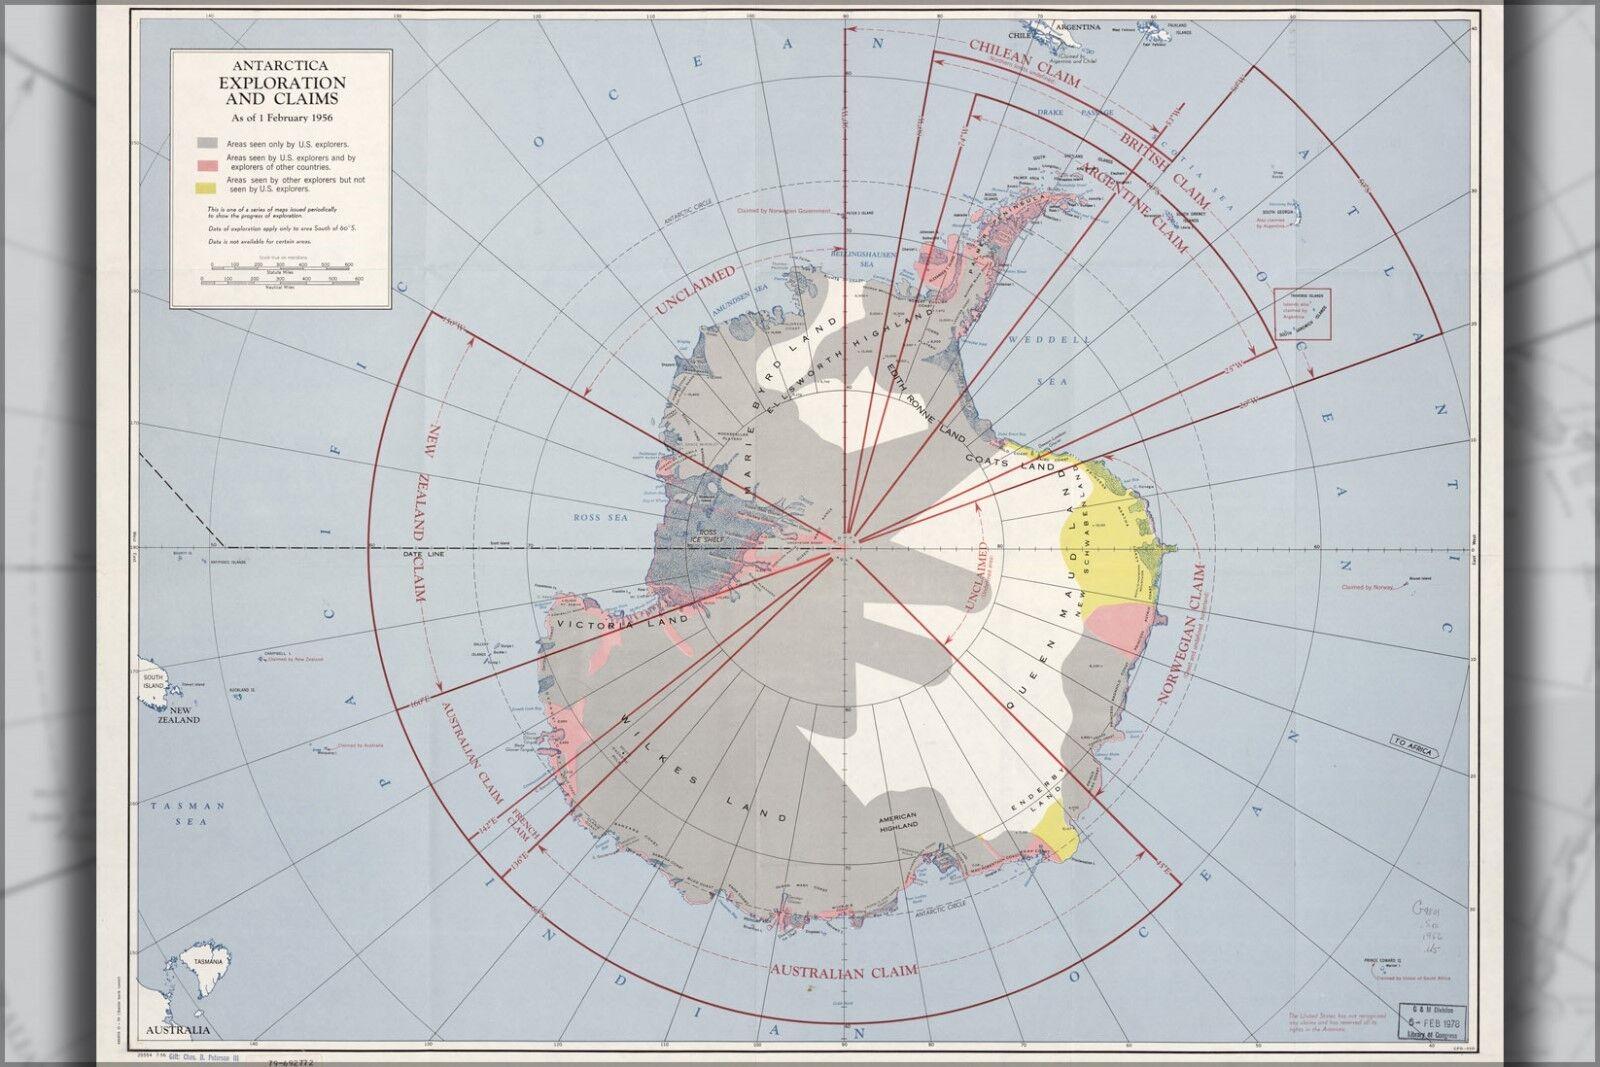 Plakat, Viele Größen; Cia KKunste von Antarctica. 1956